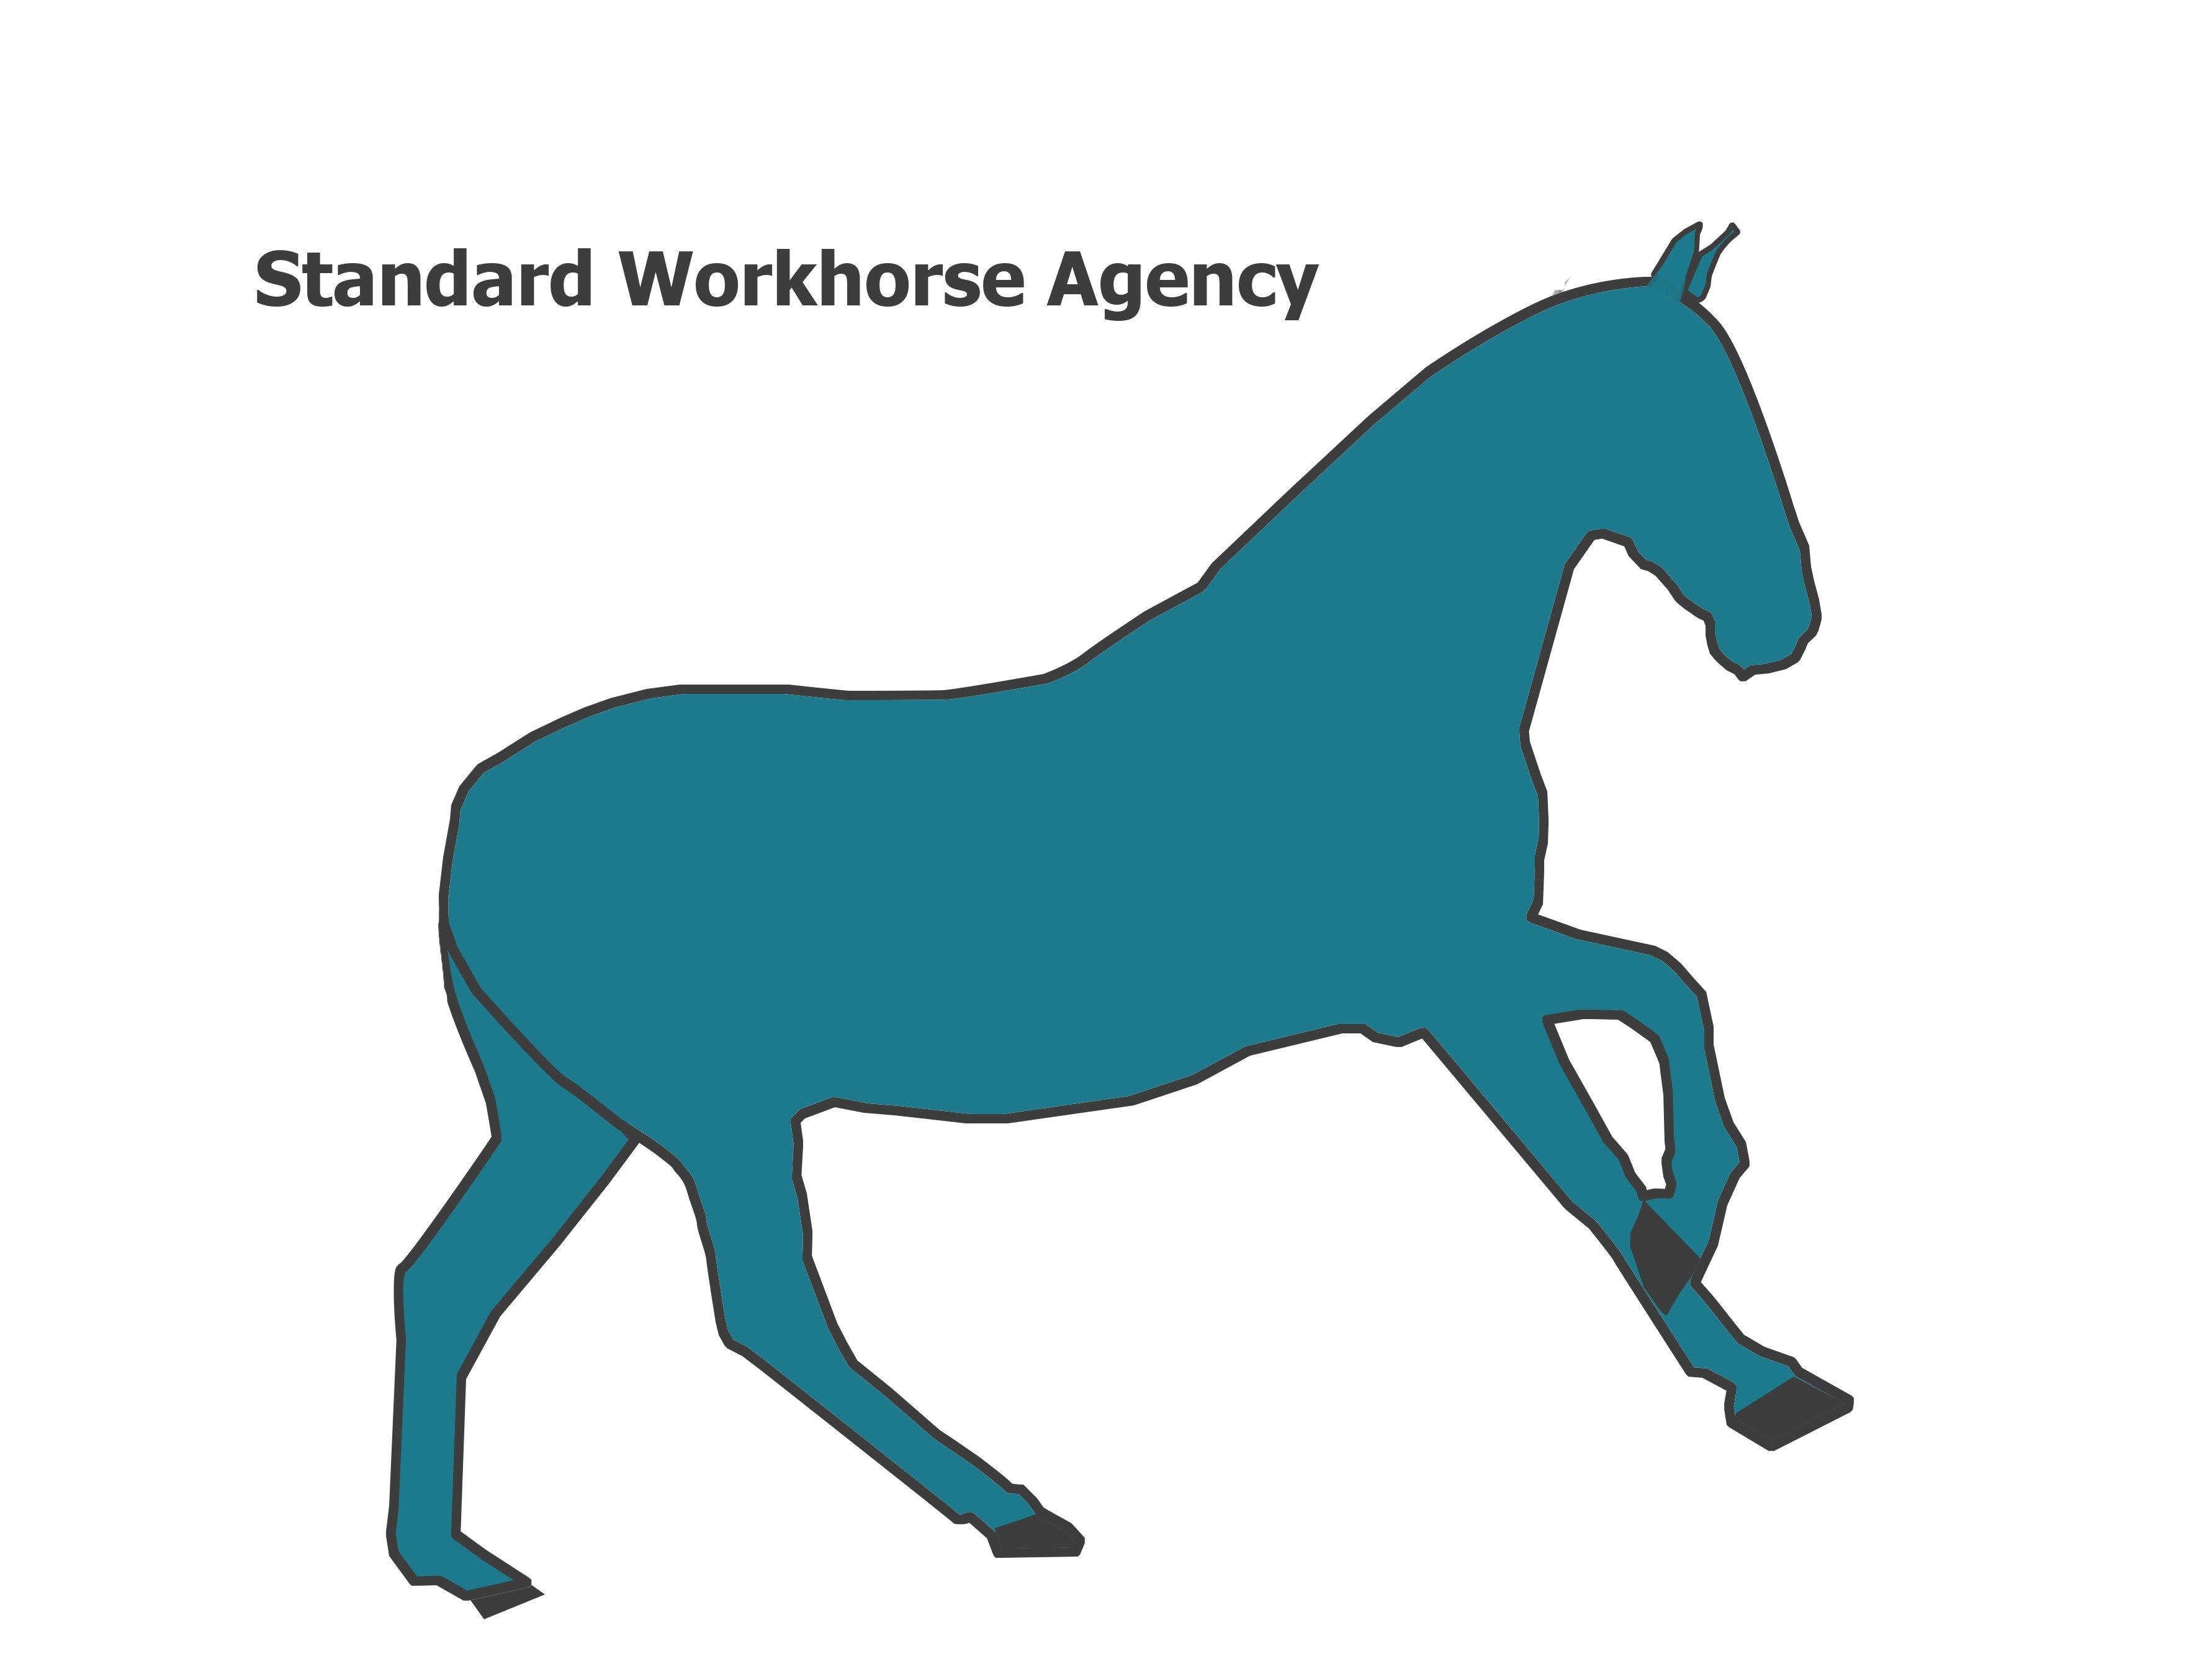 standard workhorse